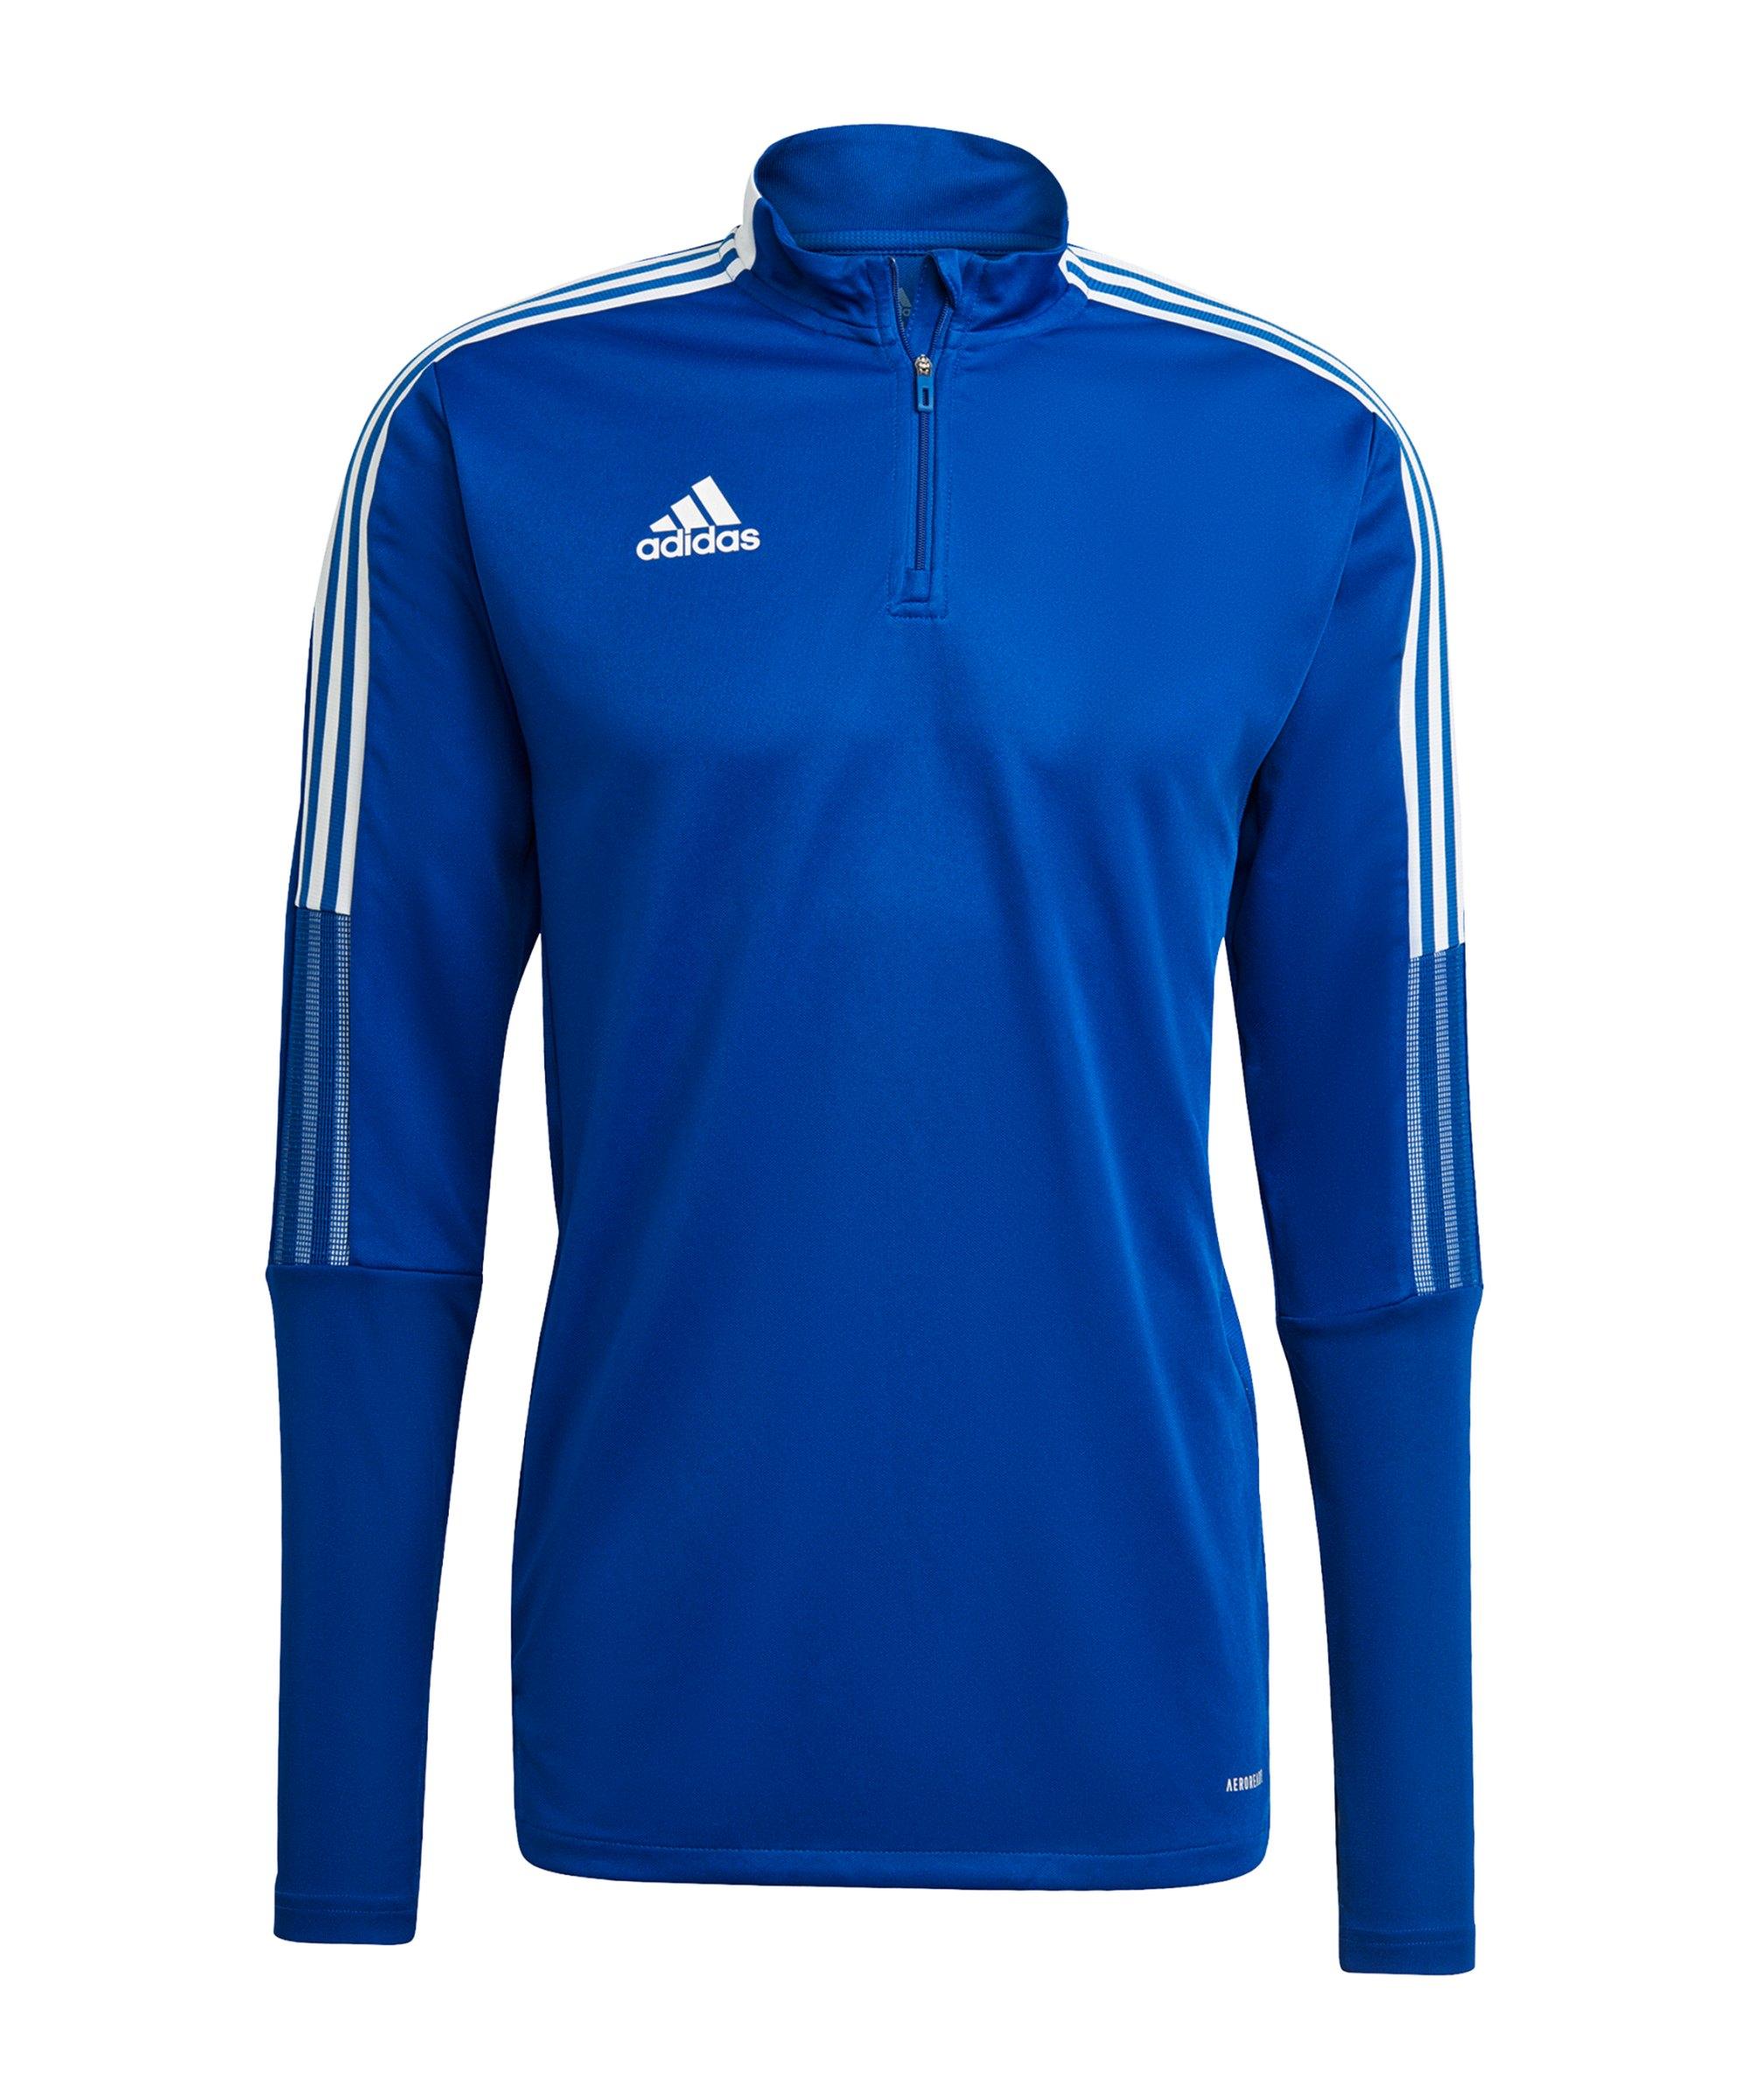 adidas Tiro 21 Trainingstop Blau - blau